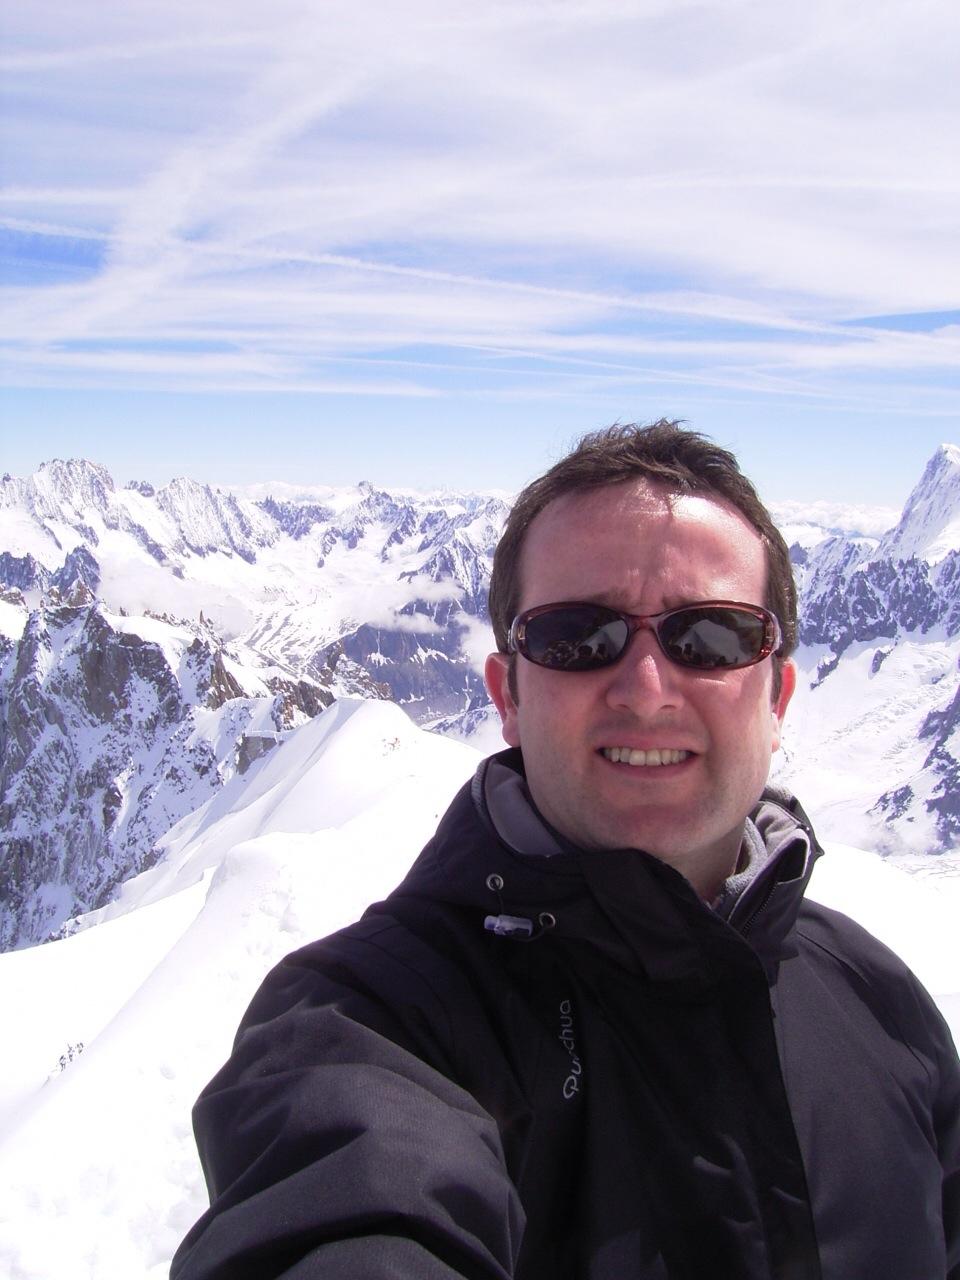 daman mountain pic